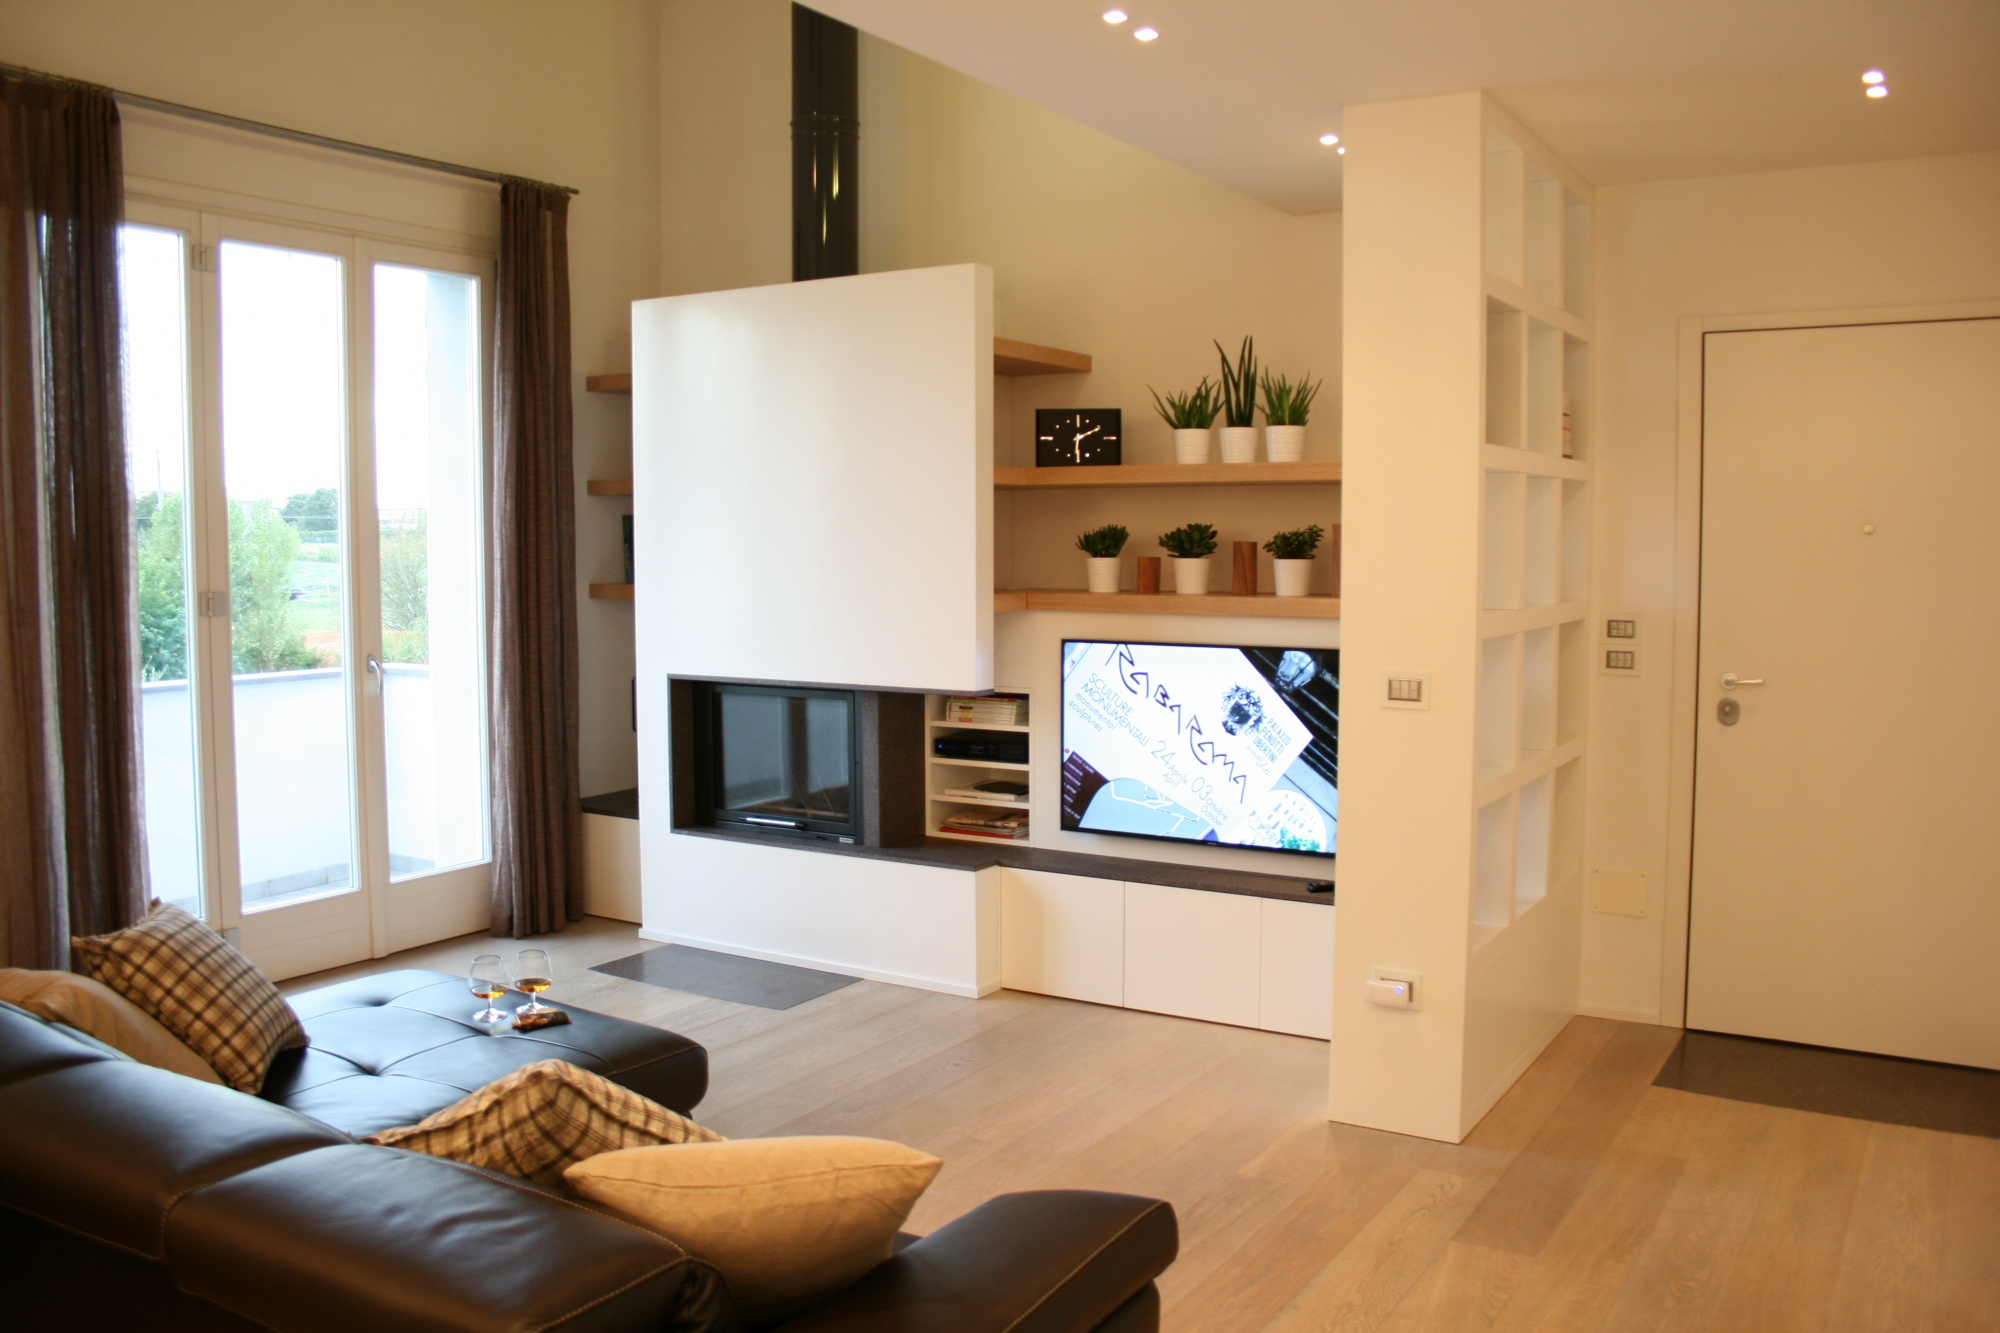 arredo salotto moderno con camino: tiarch.com pittura effetto ... - Immagini Soggiorno Moderno Con Camino 2